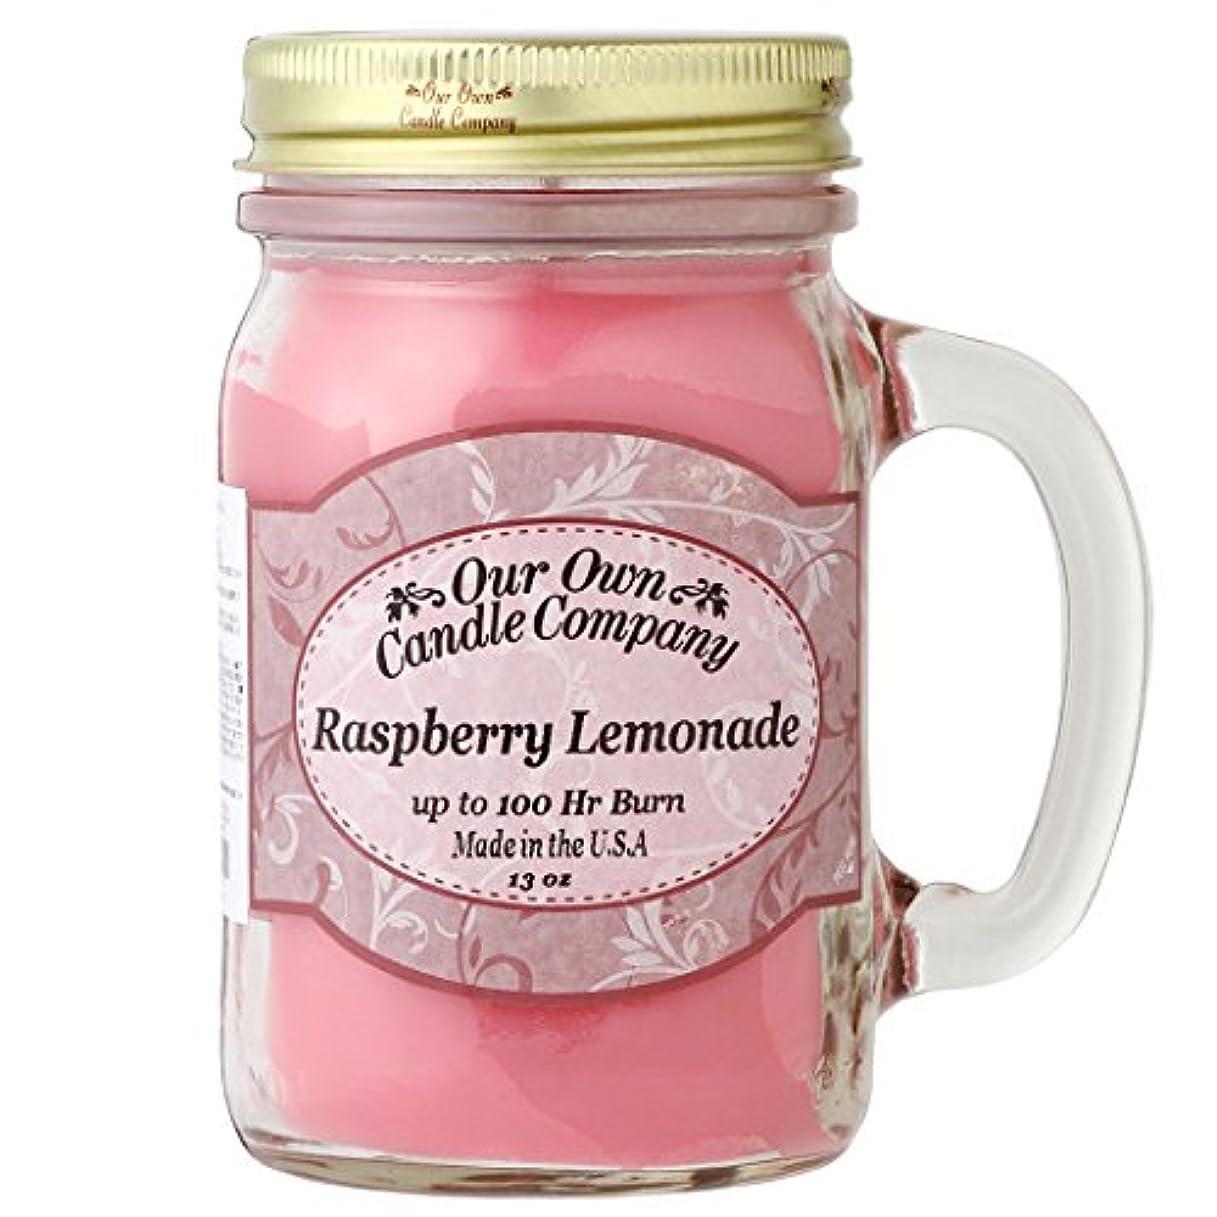 ブロッサム絶えず宿るOur Own Candle Company メイソンジャーキャンドル ラージサイズ ラズベリーレモネード OU100096